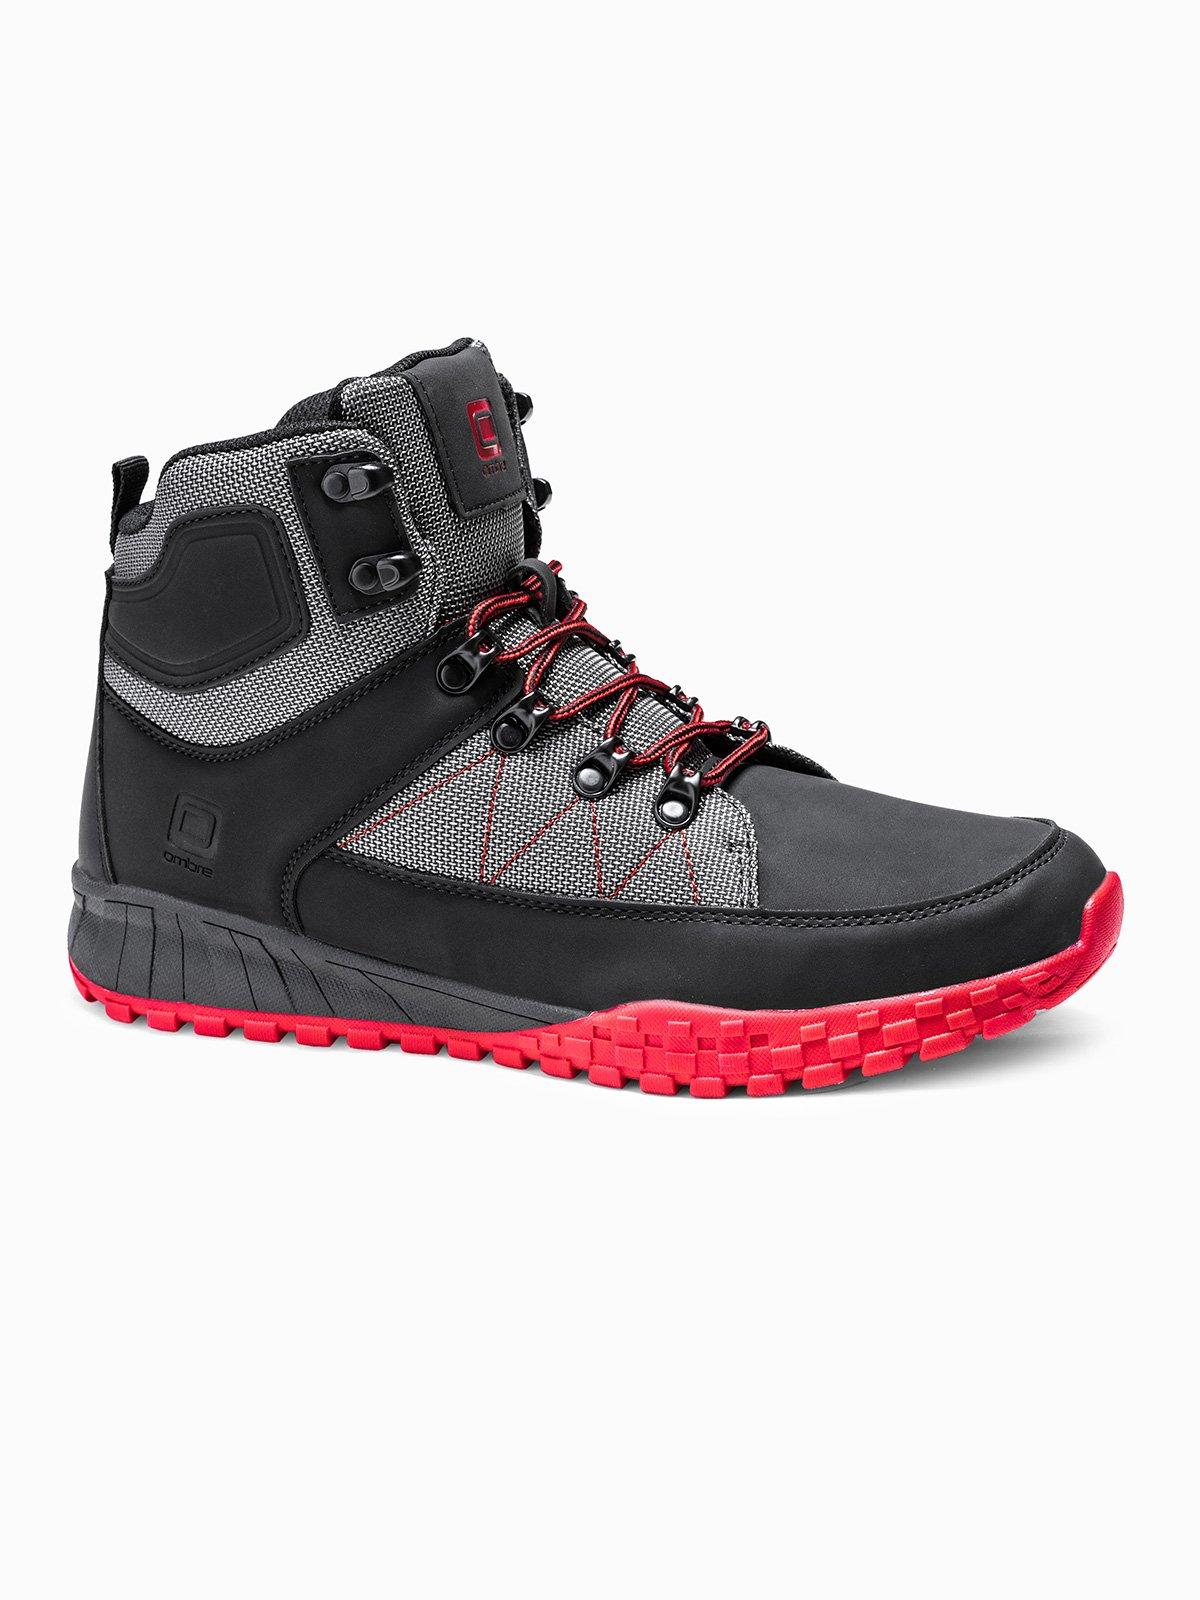 Men's winter shoes trappers T315 black | MODONE wholesale